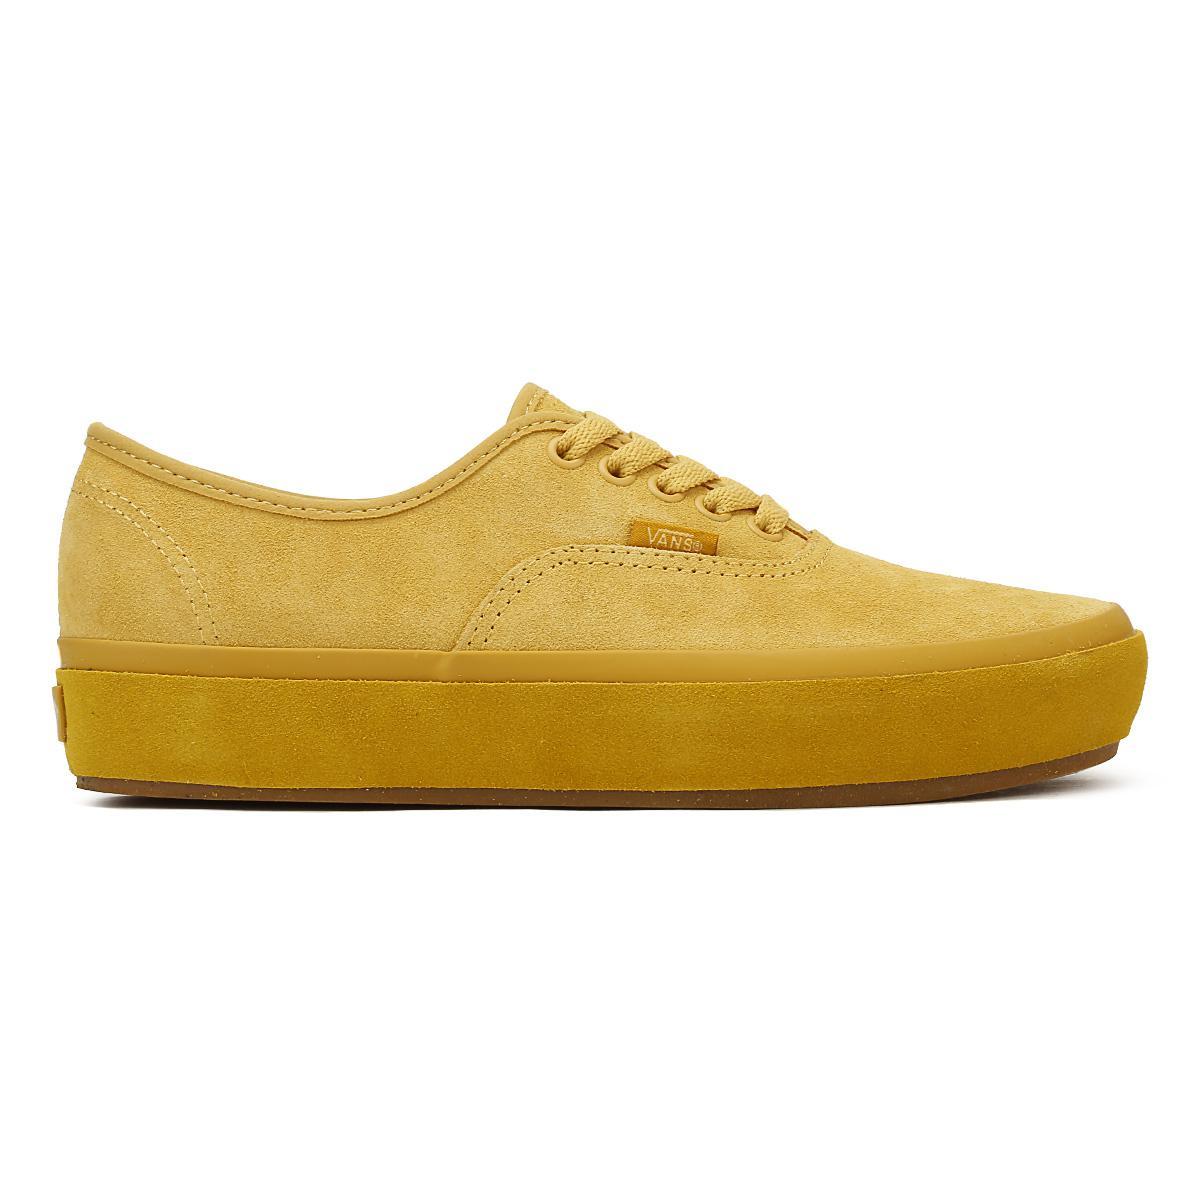 Vans Canvas Womens Ochre Yellow